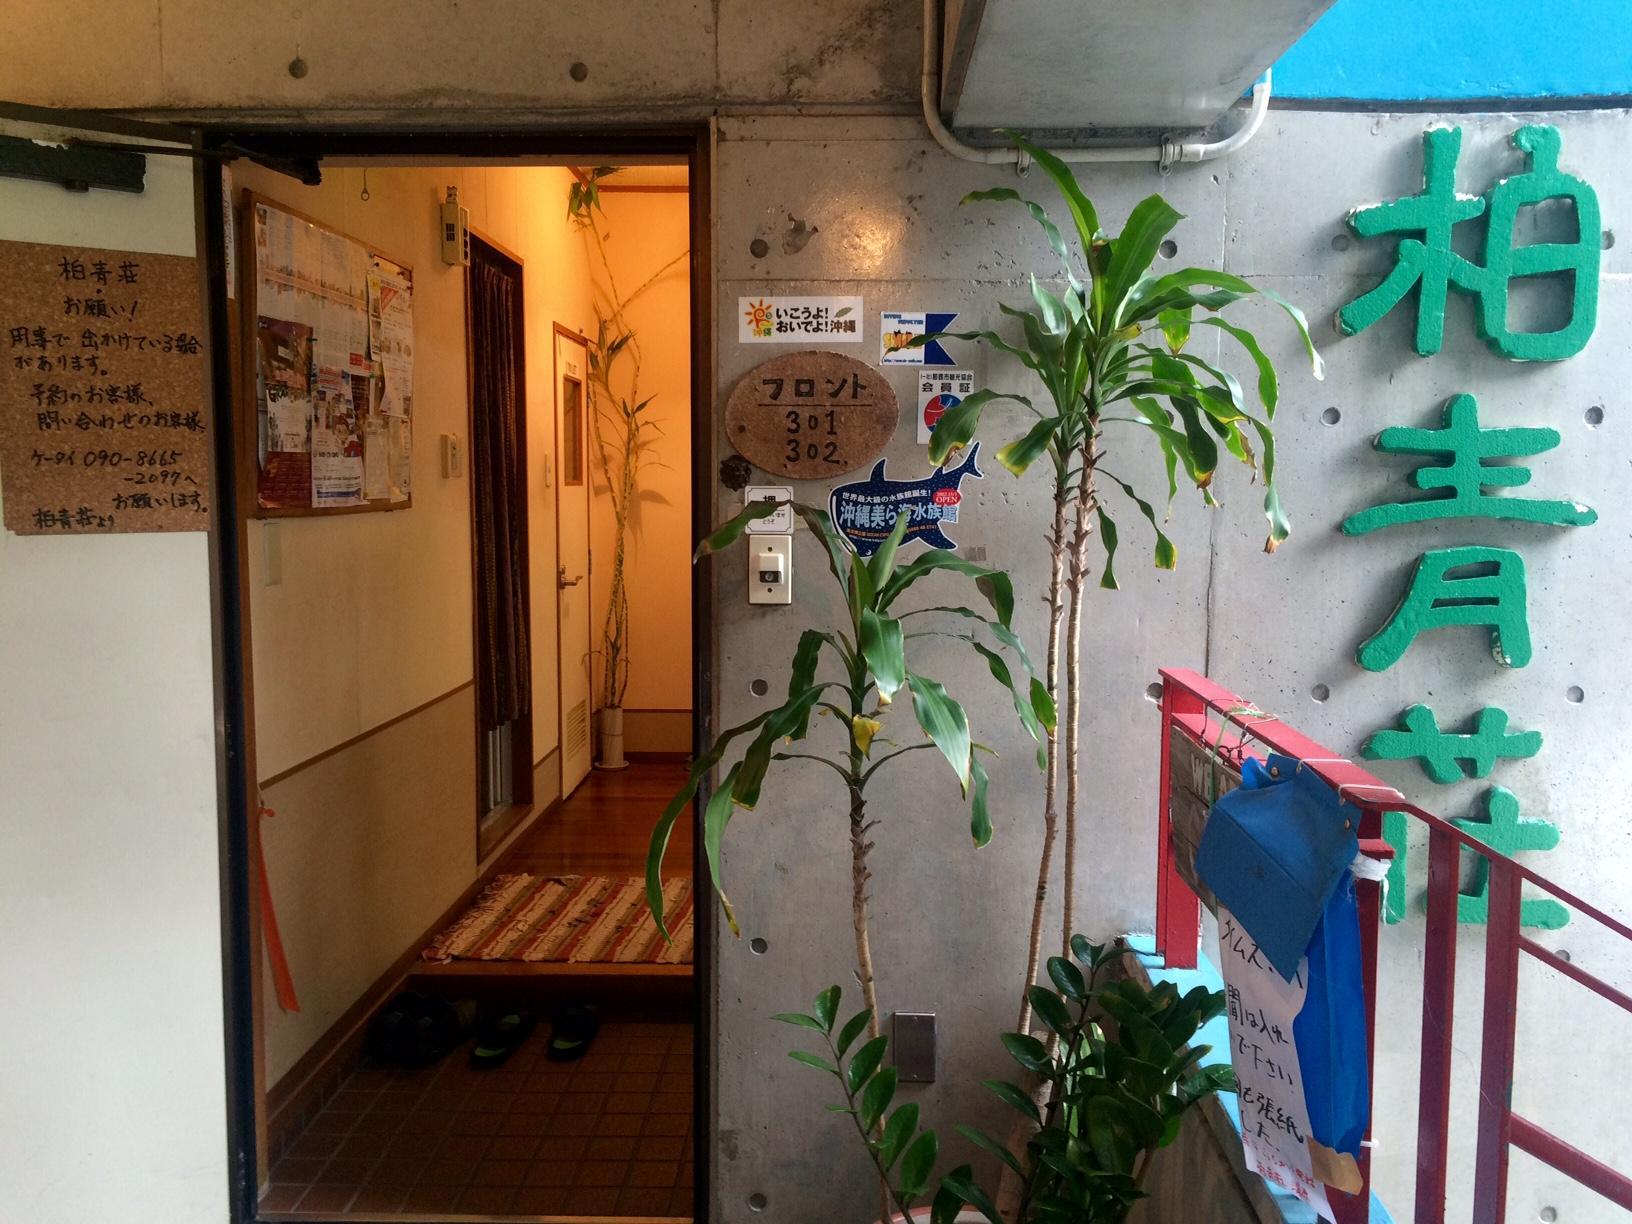 柏青莊民宿 Hostels Hakuseisou